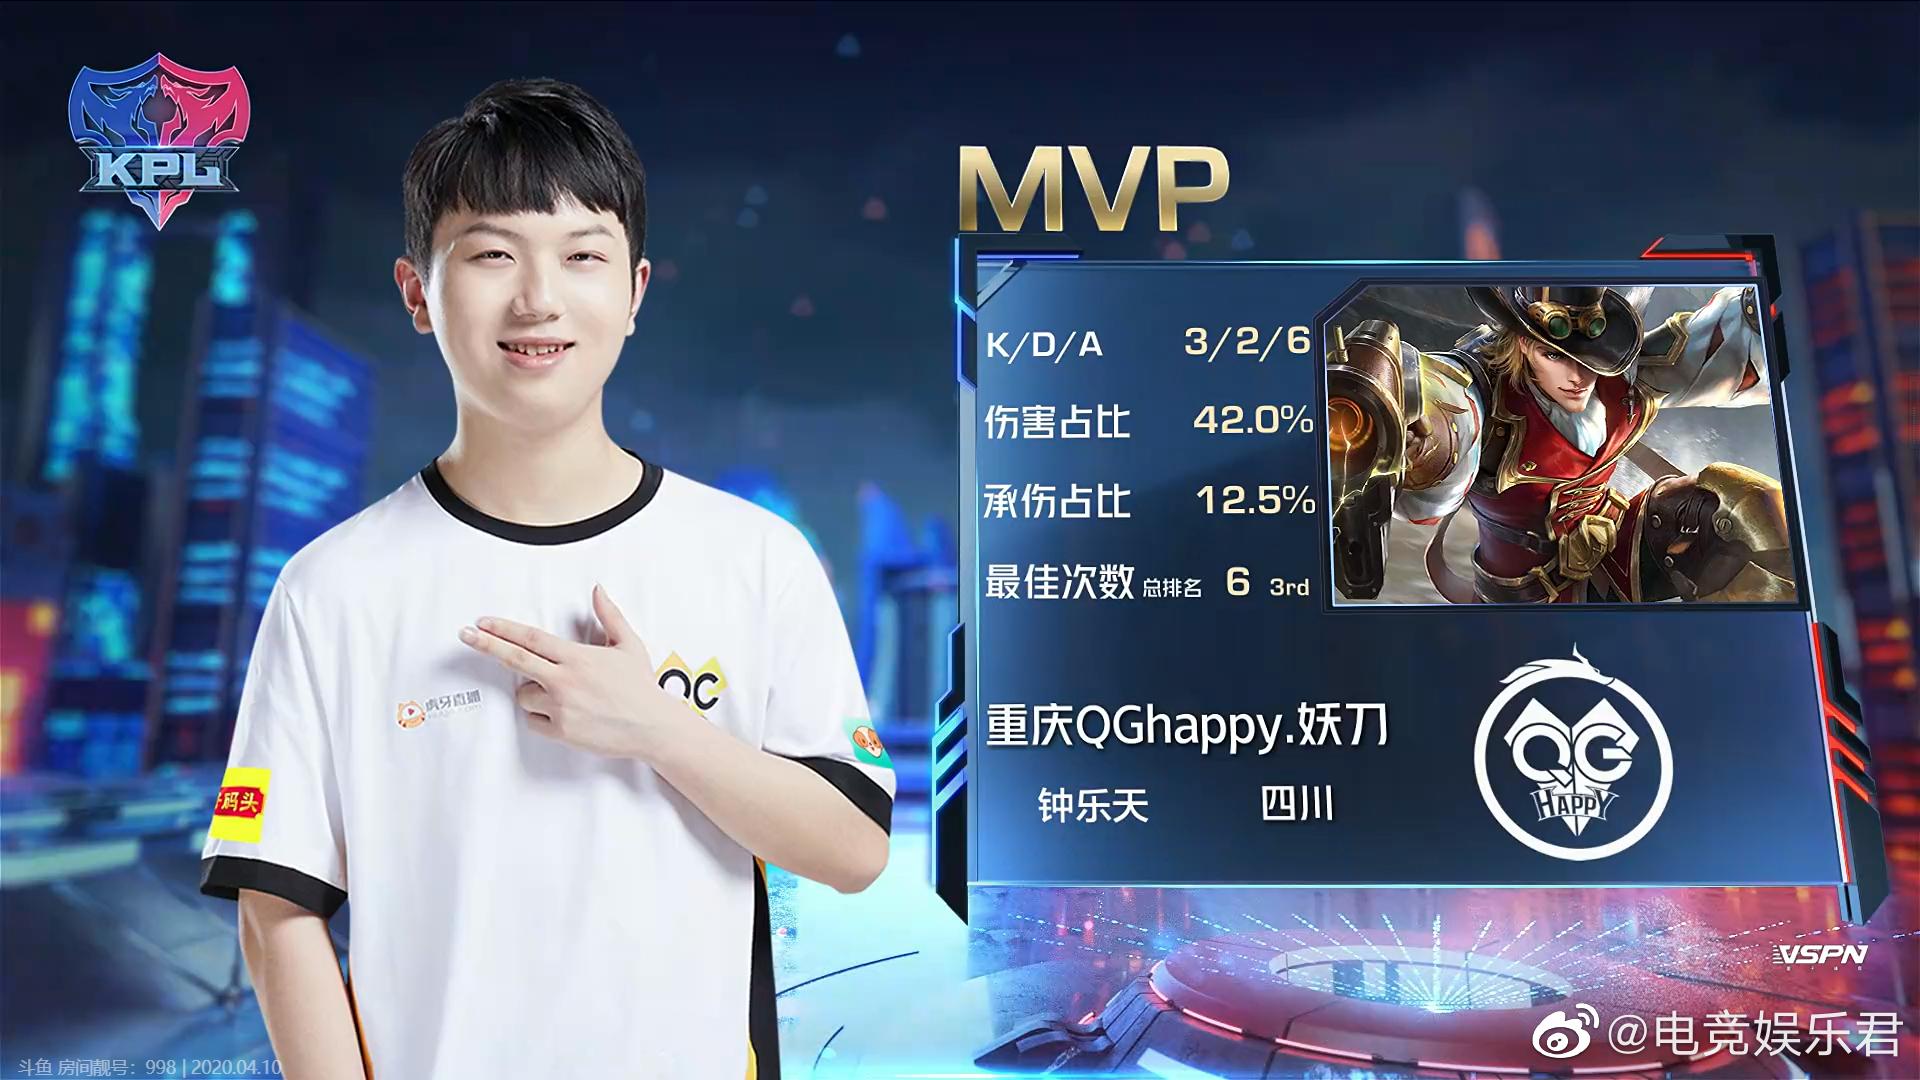 恭喜重庆QGhappy以比分3:2成功拿下与TES的对局胜利